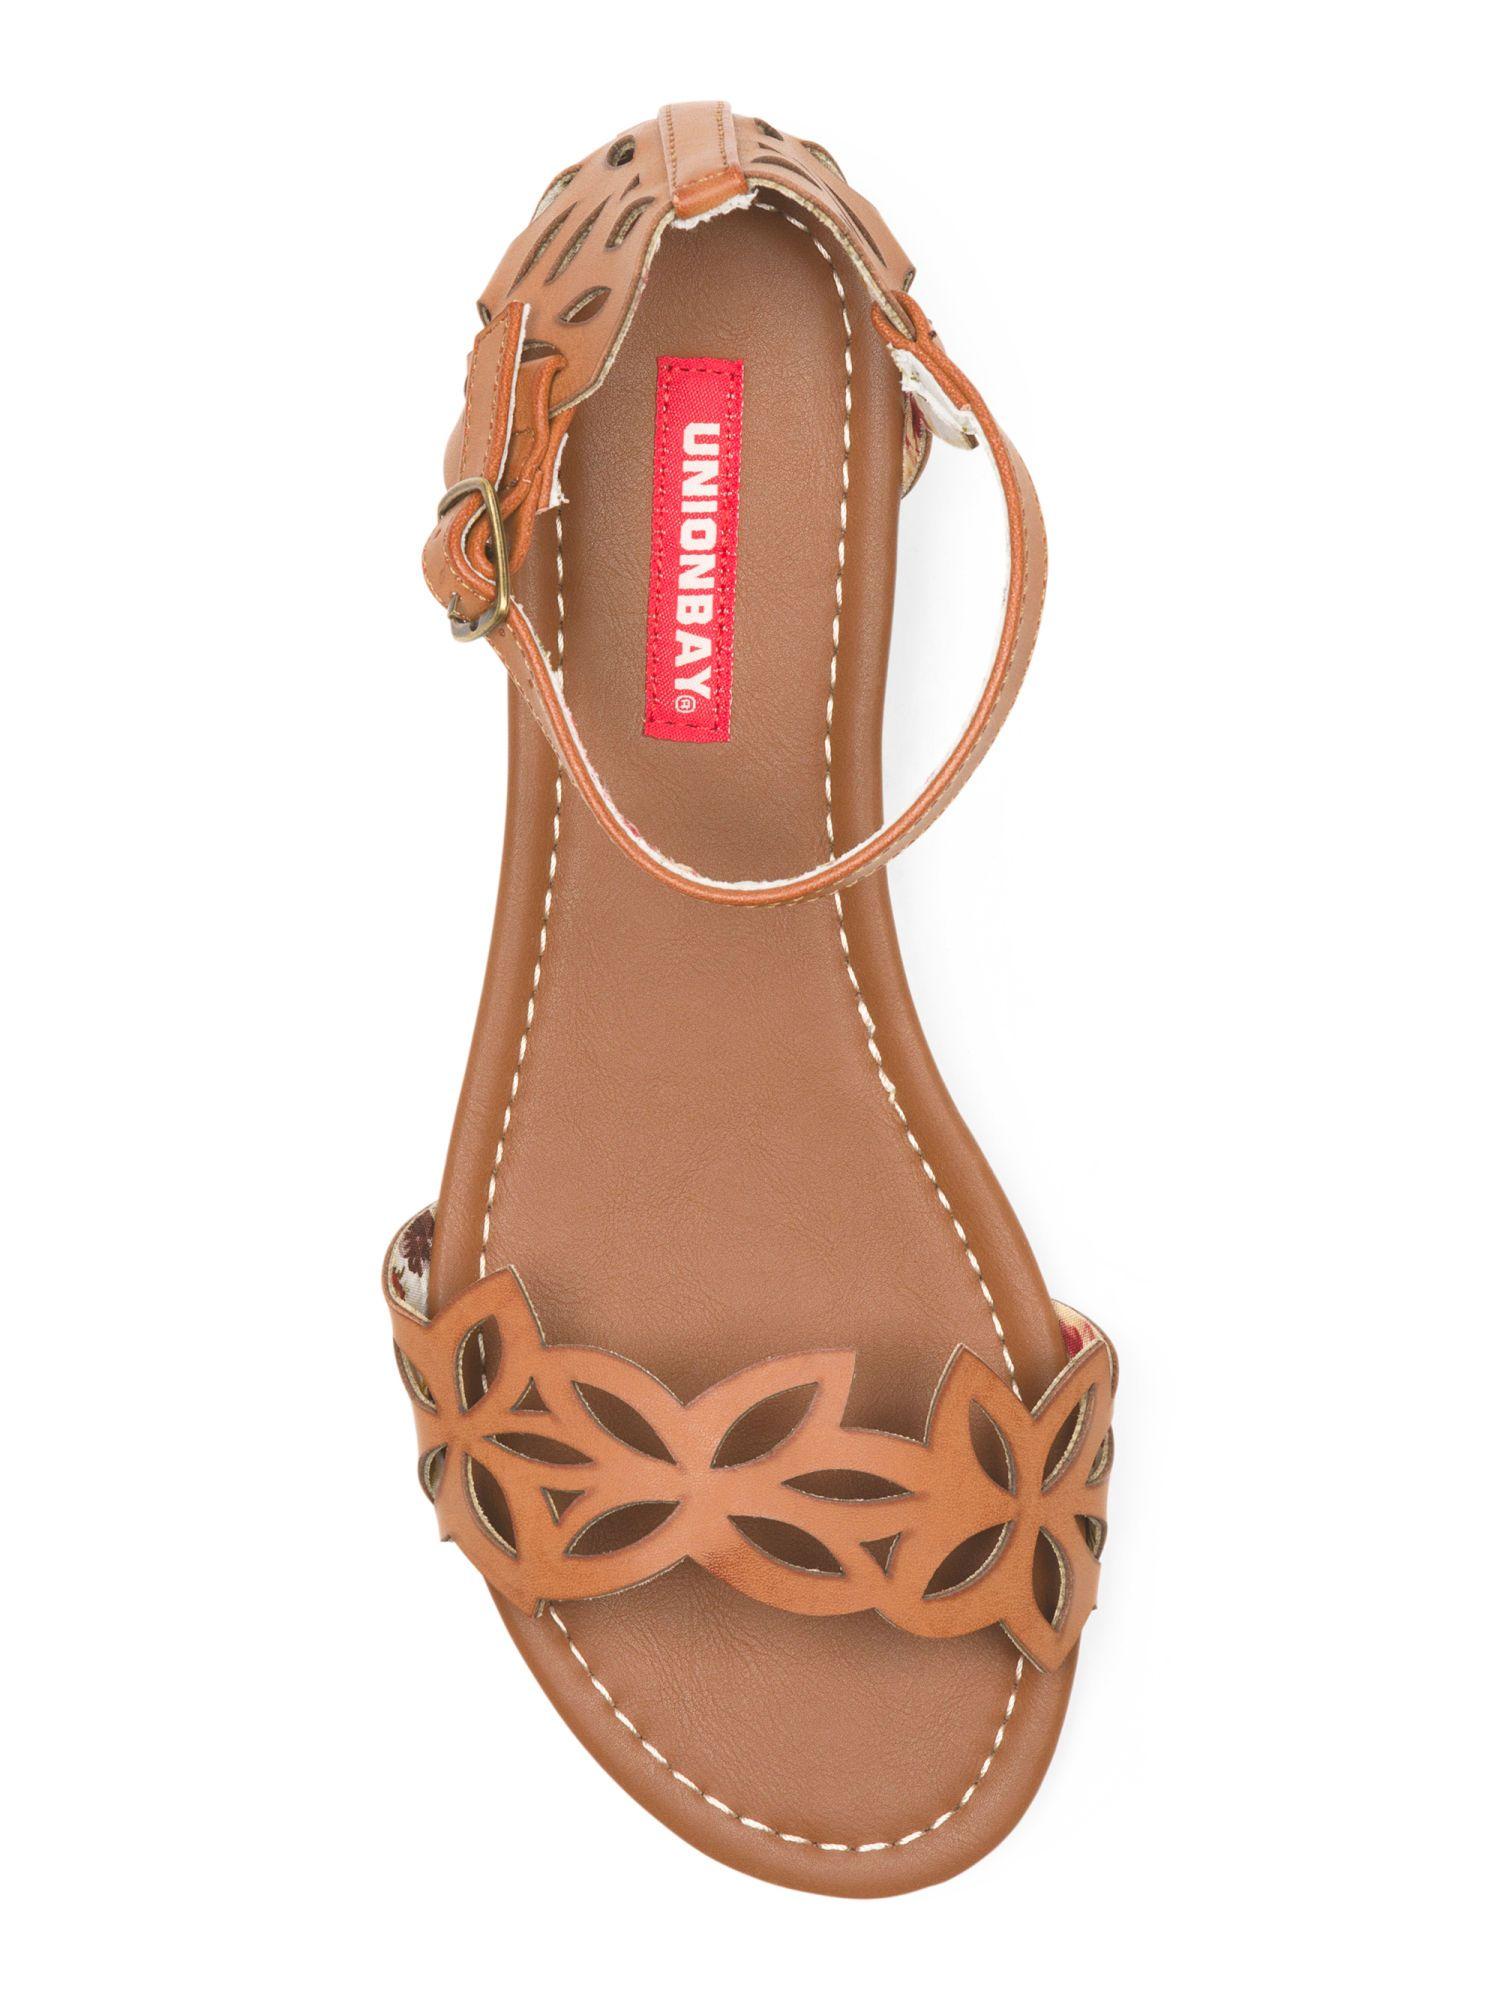 3e5530b81b33 Union Bay - Noreen Flower Strap Sandal